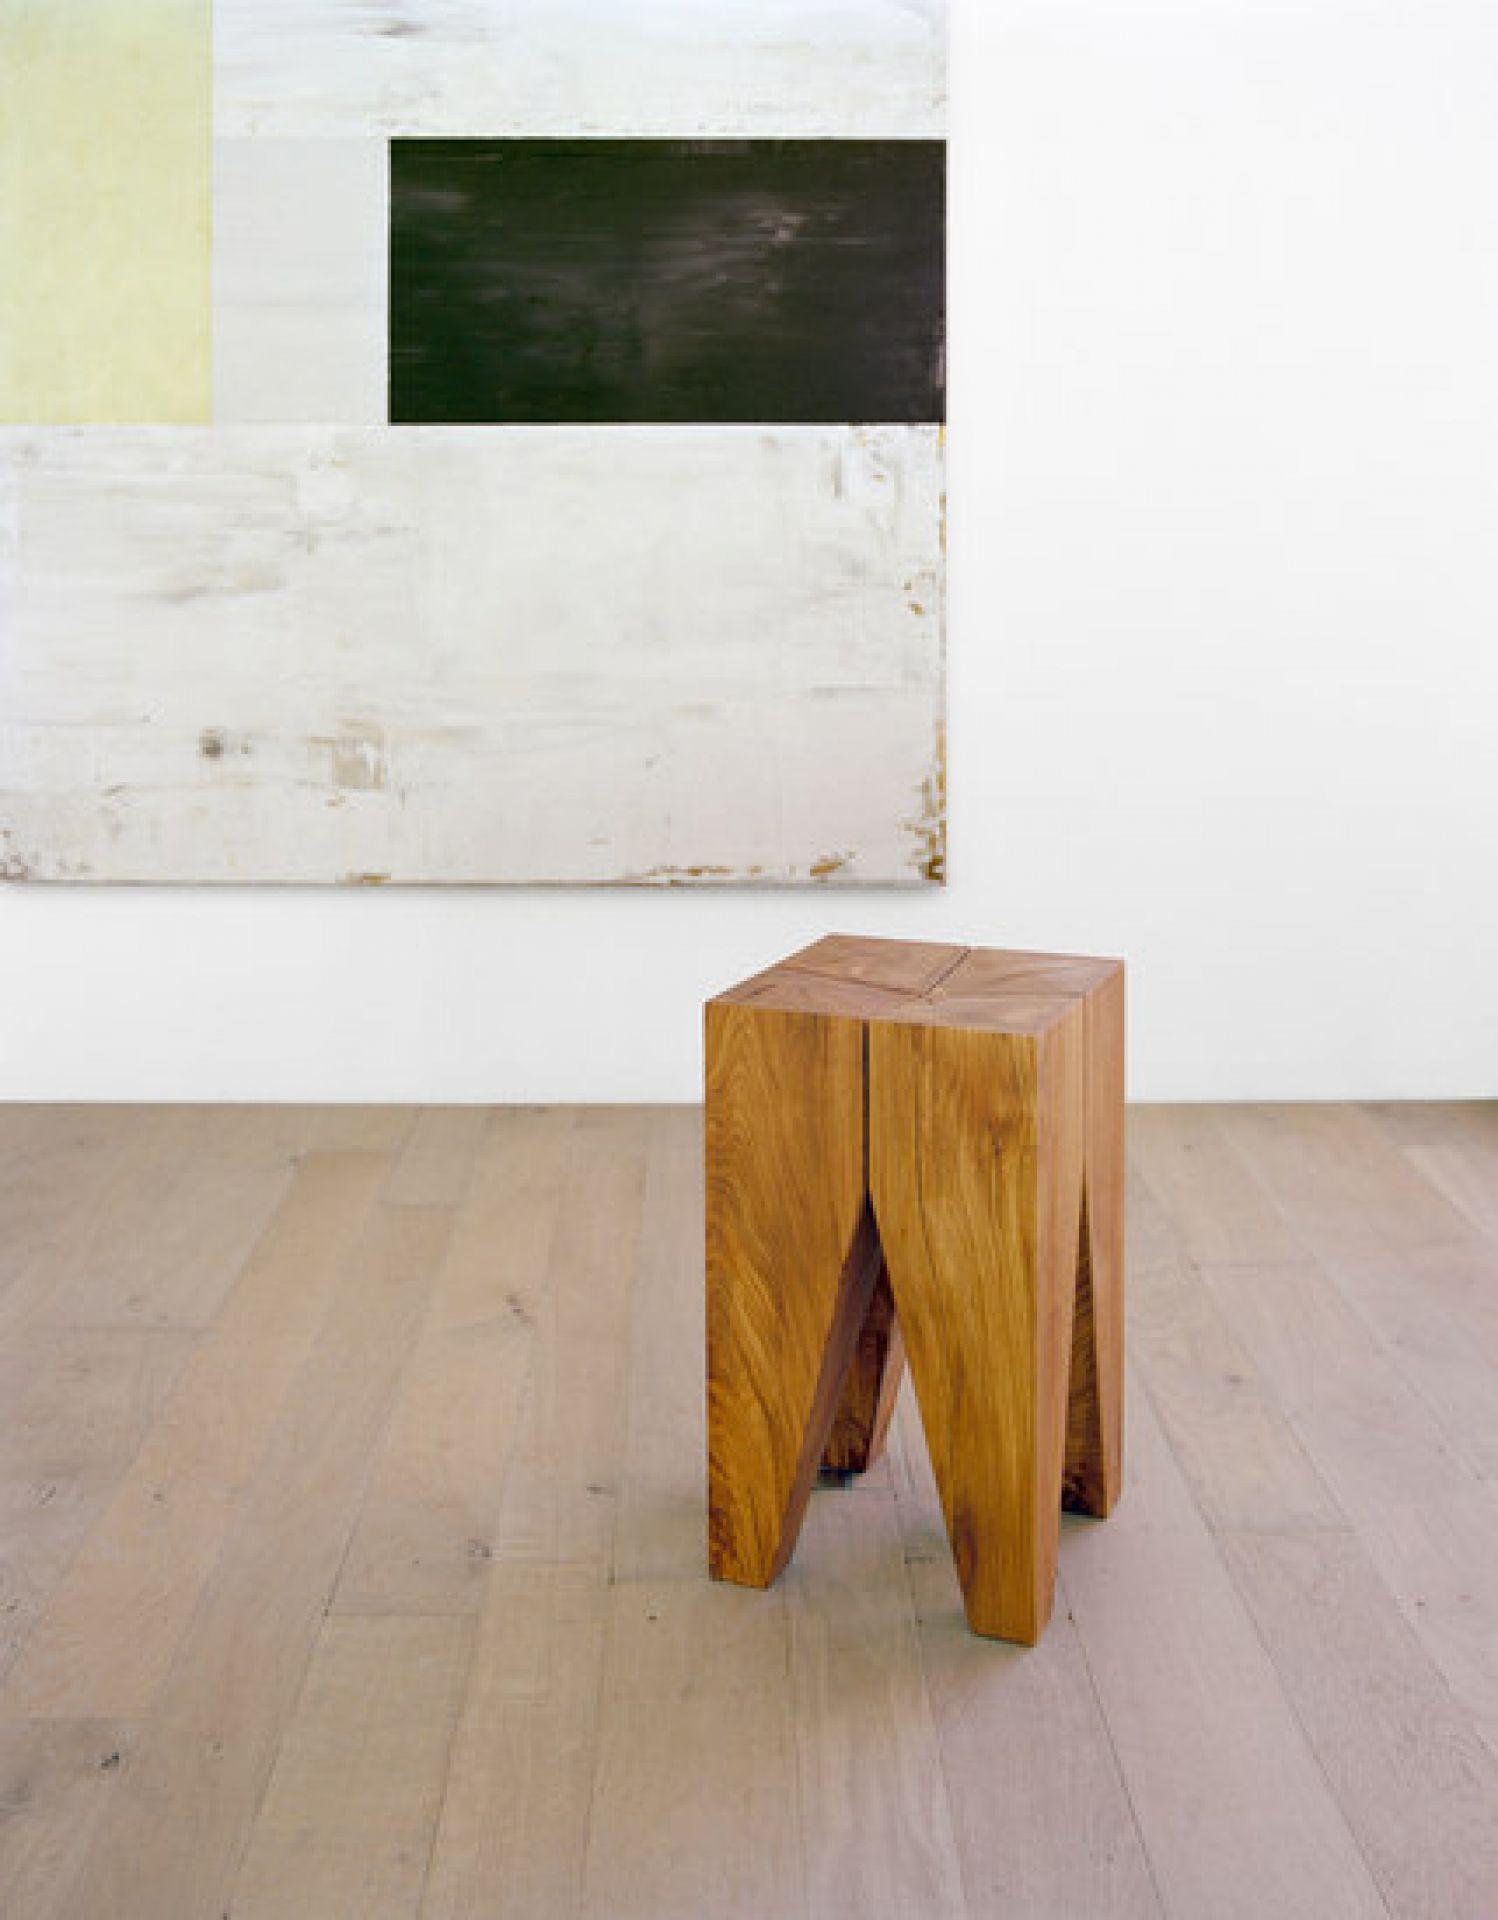 Backenzahn Hocker / Tischchen e15